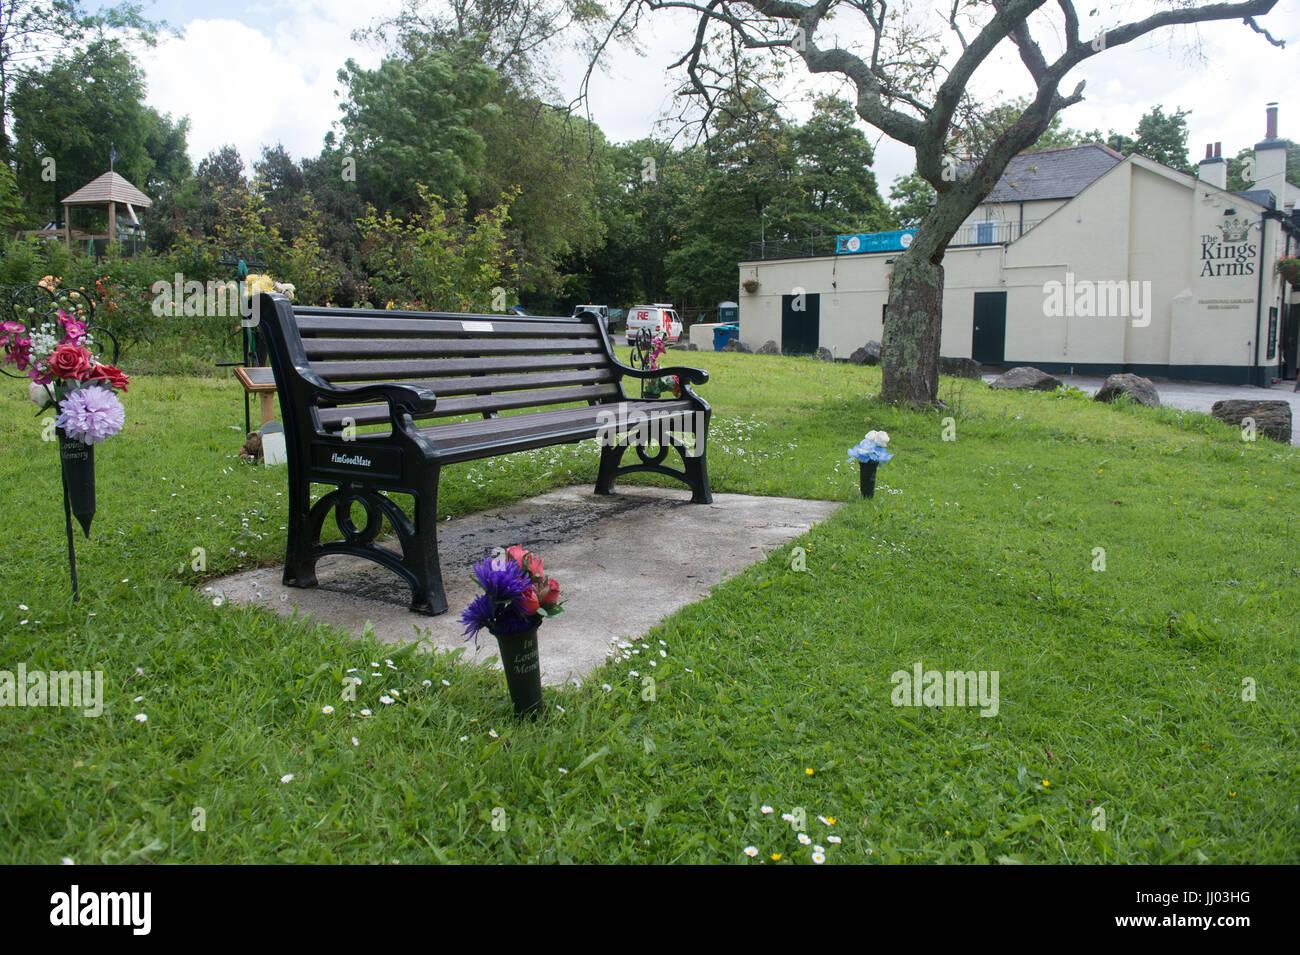 Paul Slater/PSI - Tanis Bhandari memorial seat, Tamerton Foliot. He was killed by Donald Pemberton and Ryan Williams. - Stock Image